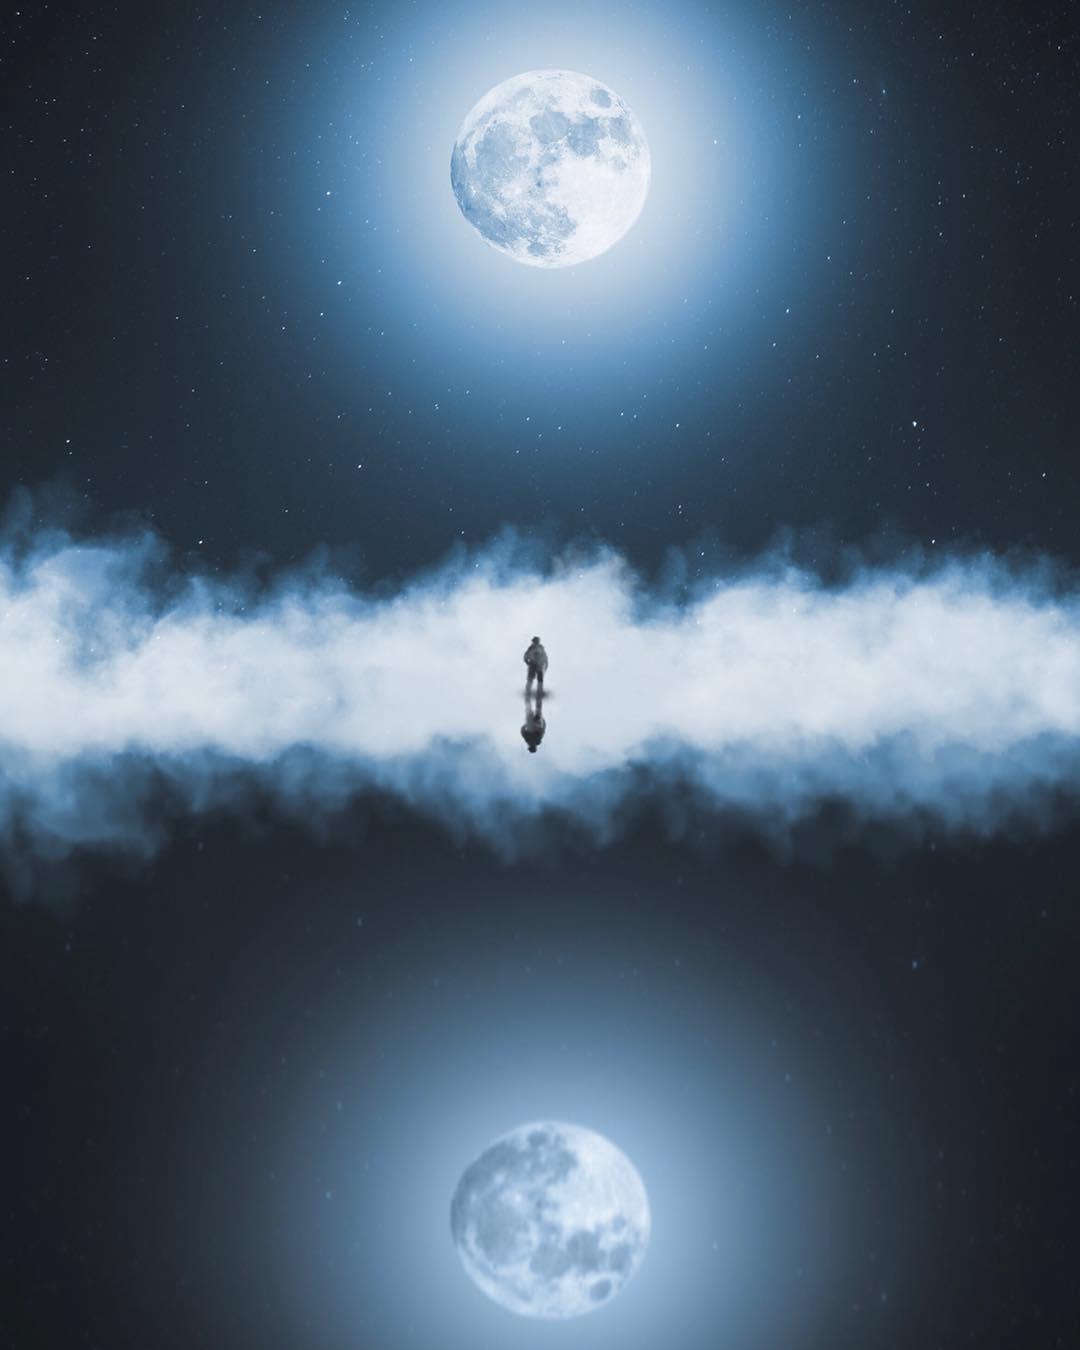 Звёздное небо и космос в картинках - Страница 5 SZHqmYa1l88